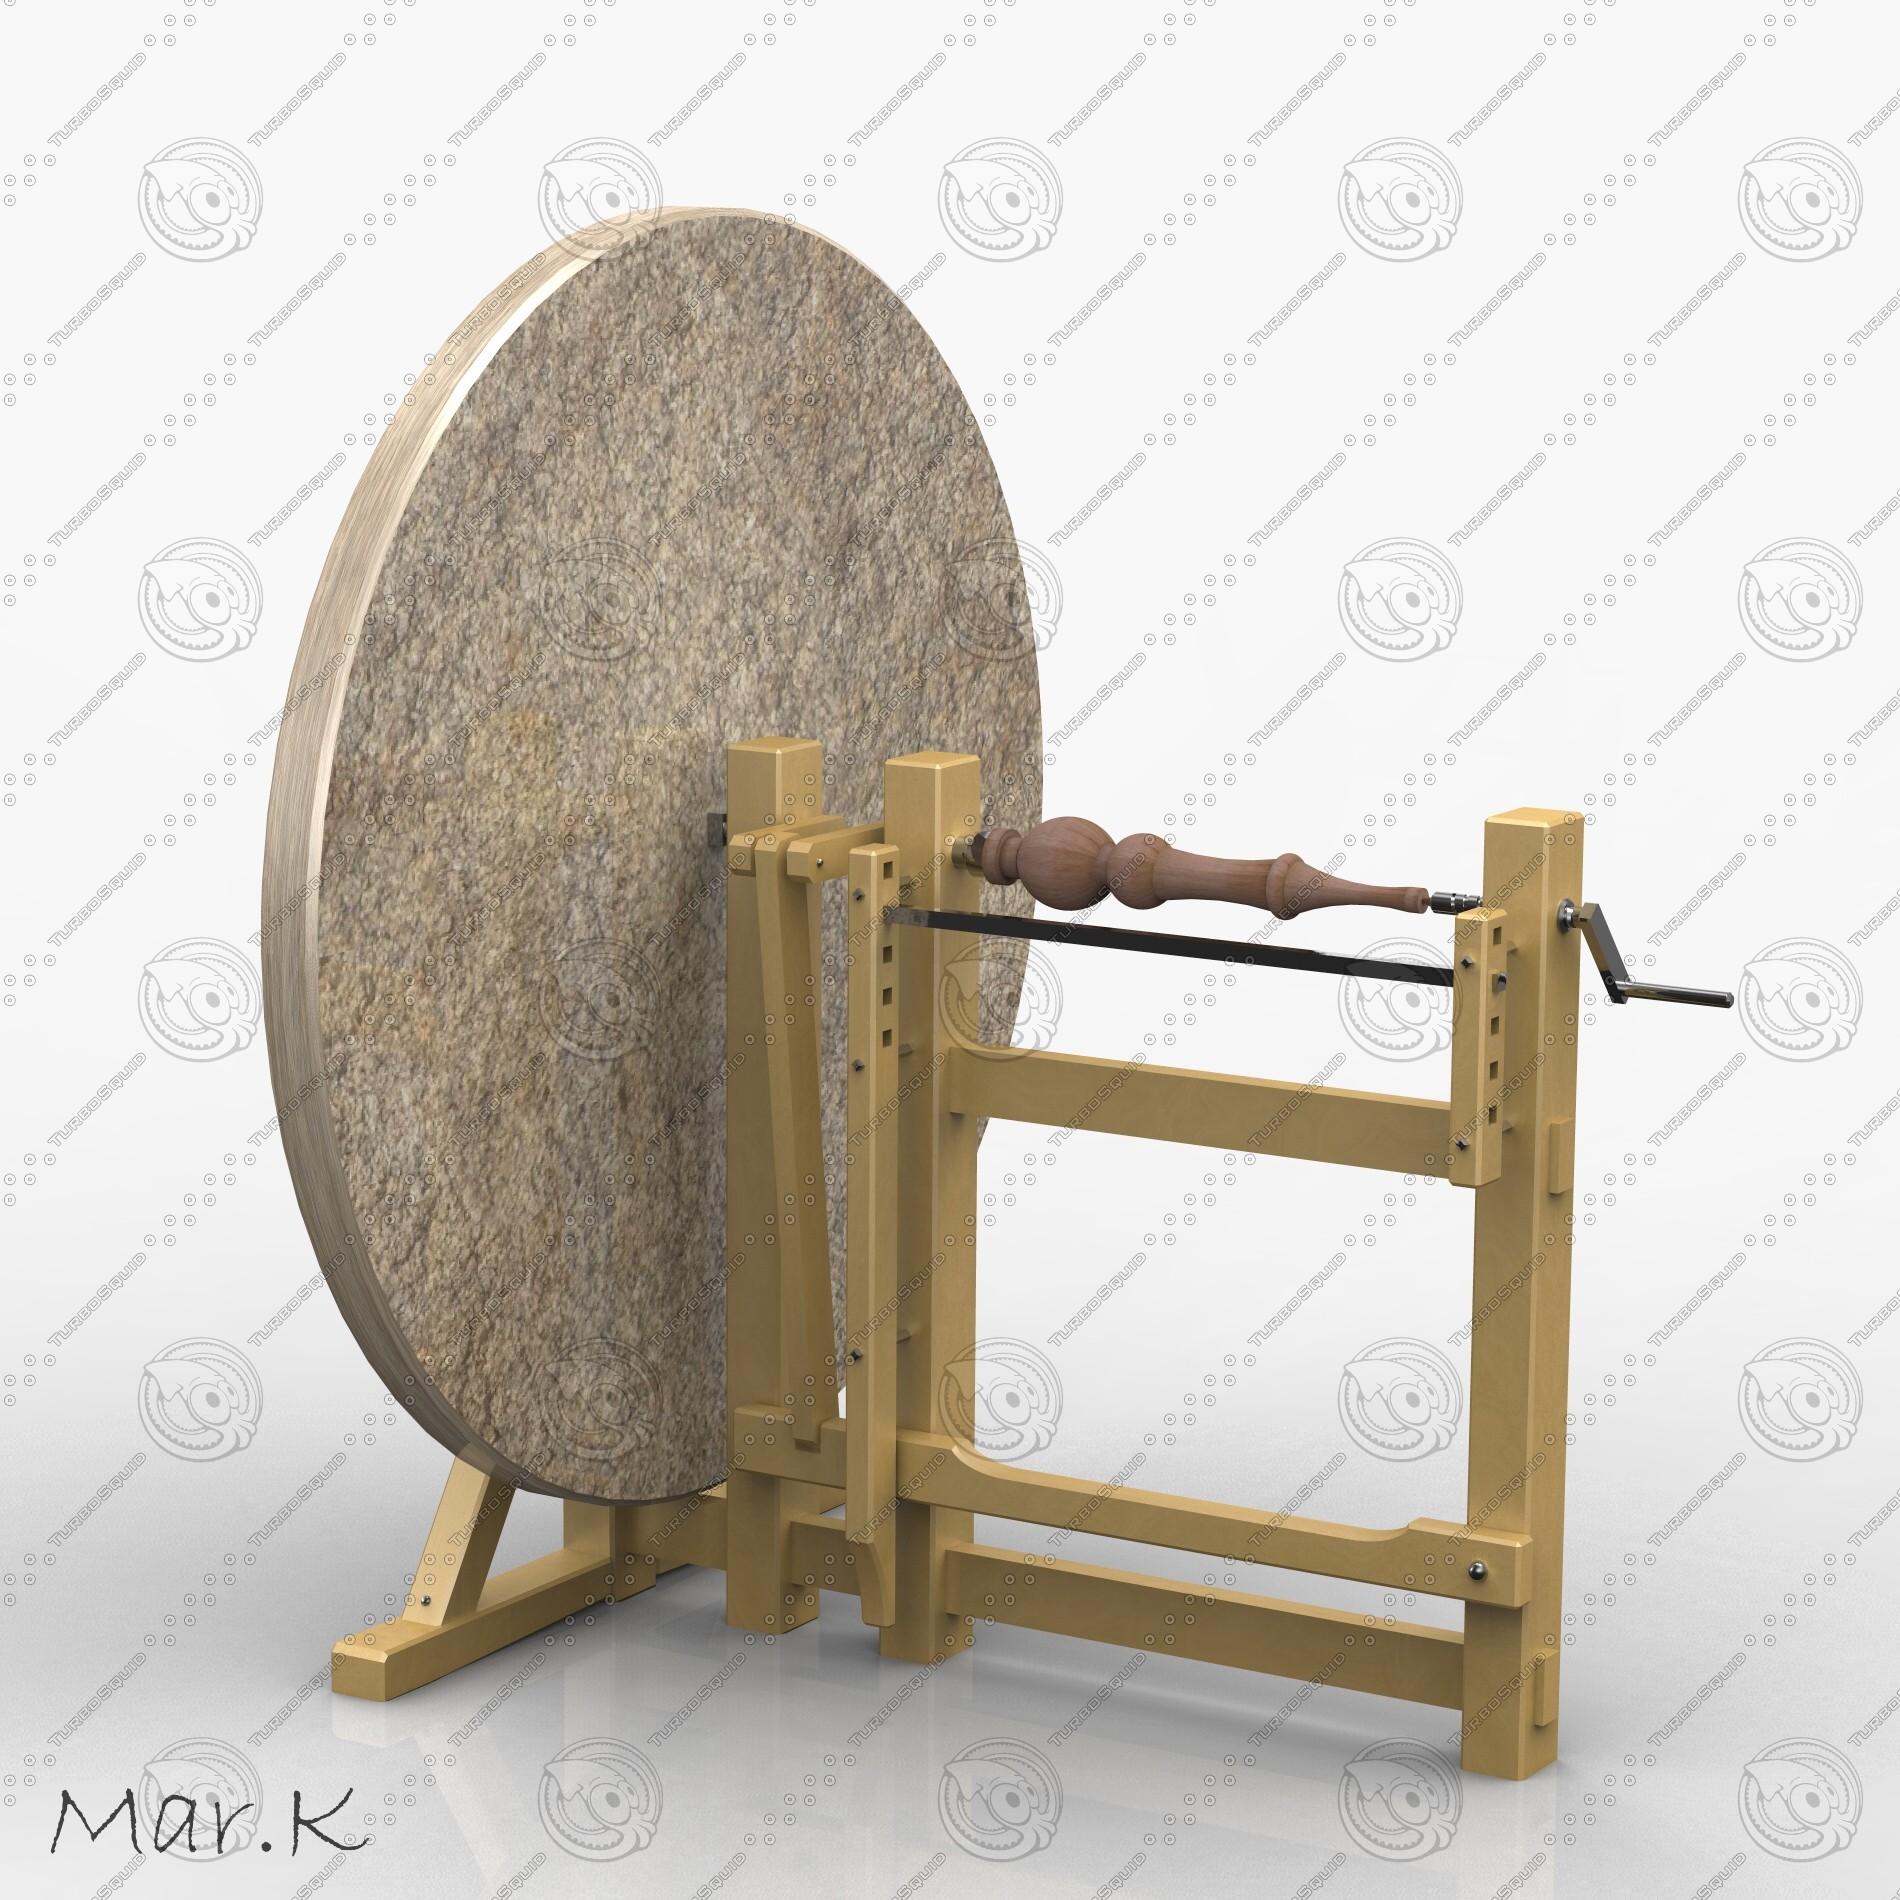 3d wood turning lathe model